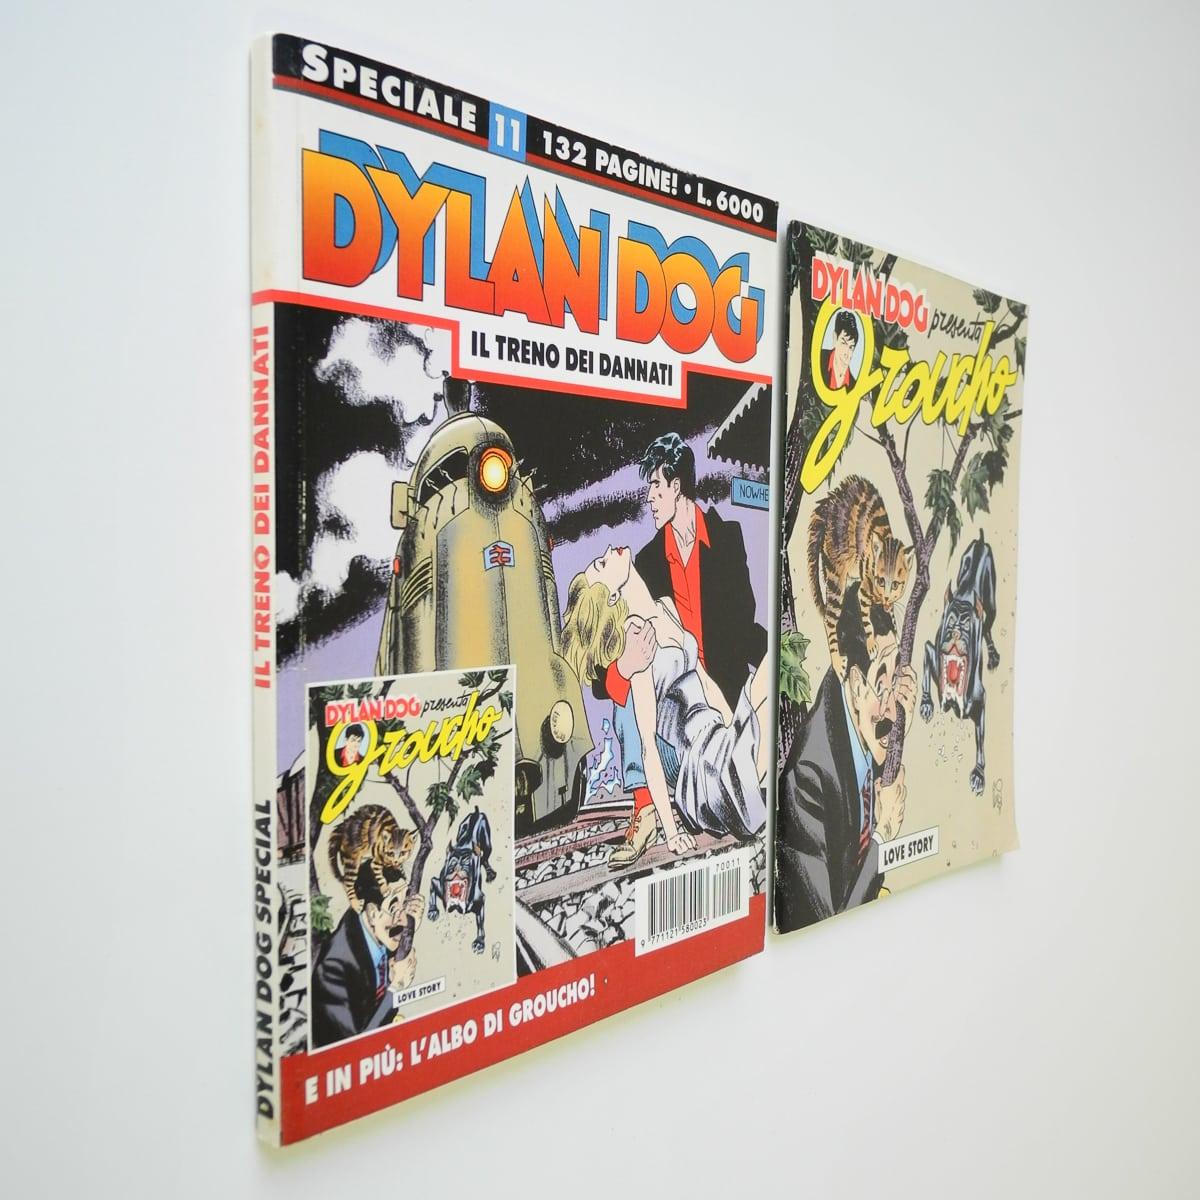 Dylan Dog speciale n. 11 con albetto originale